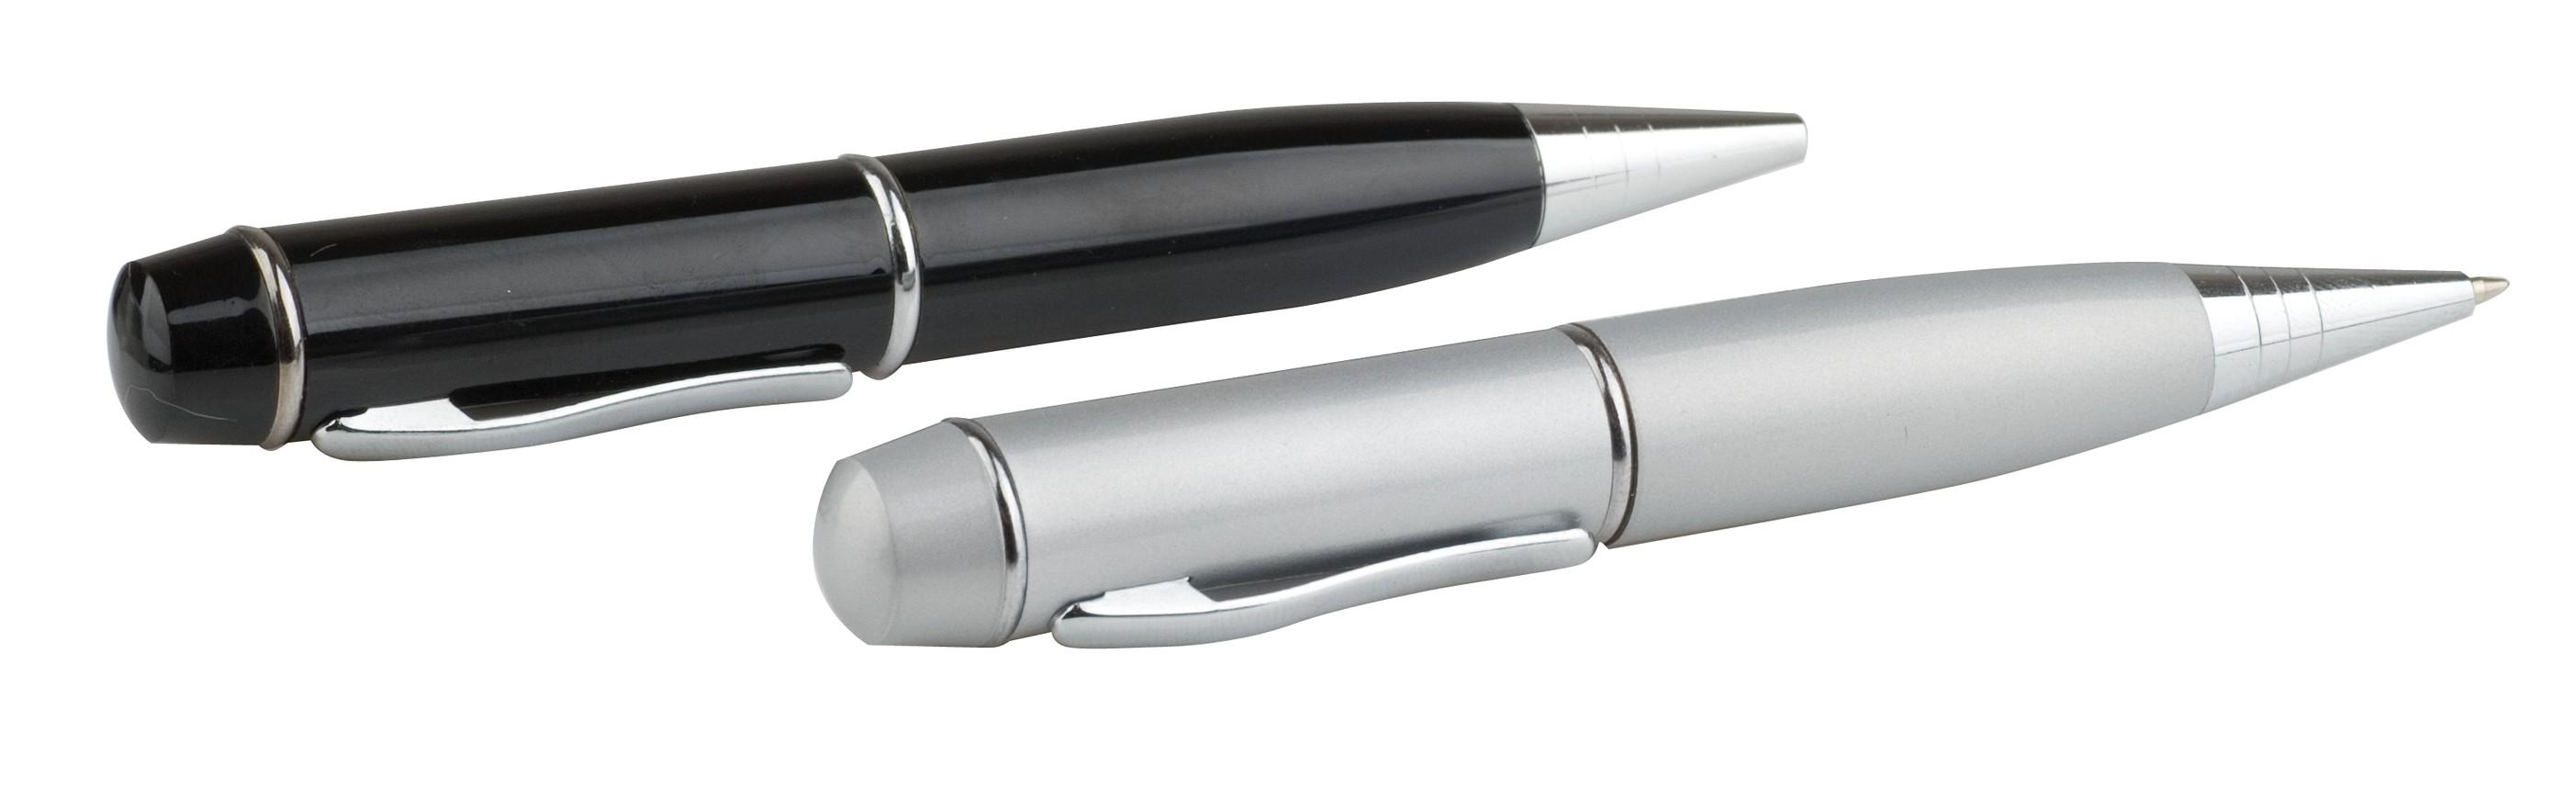 Pamięć USB długopis PDd-2